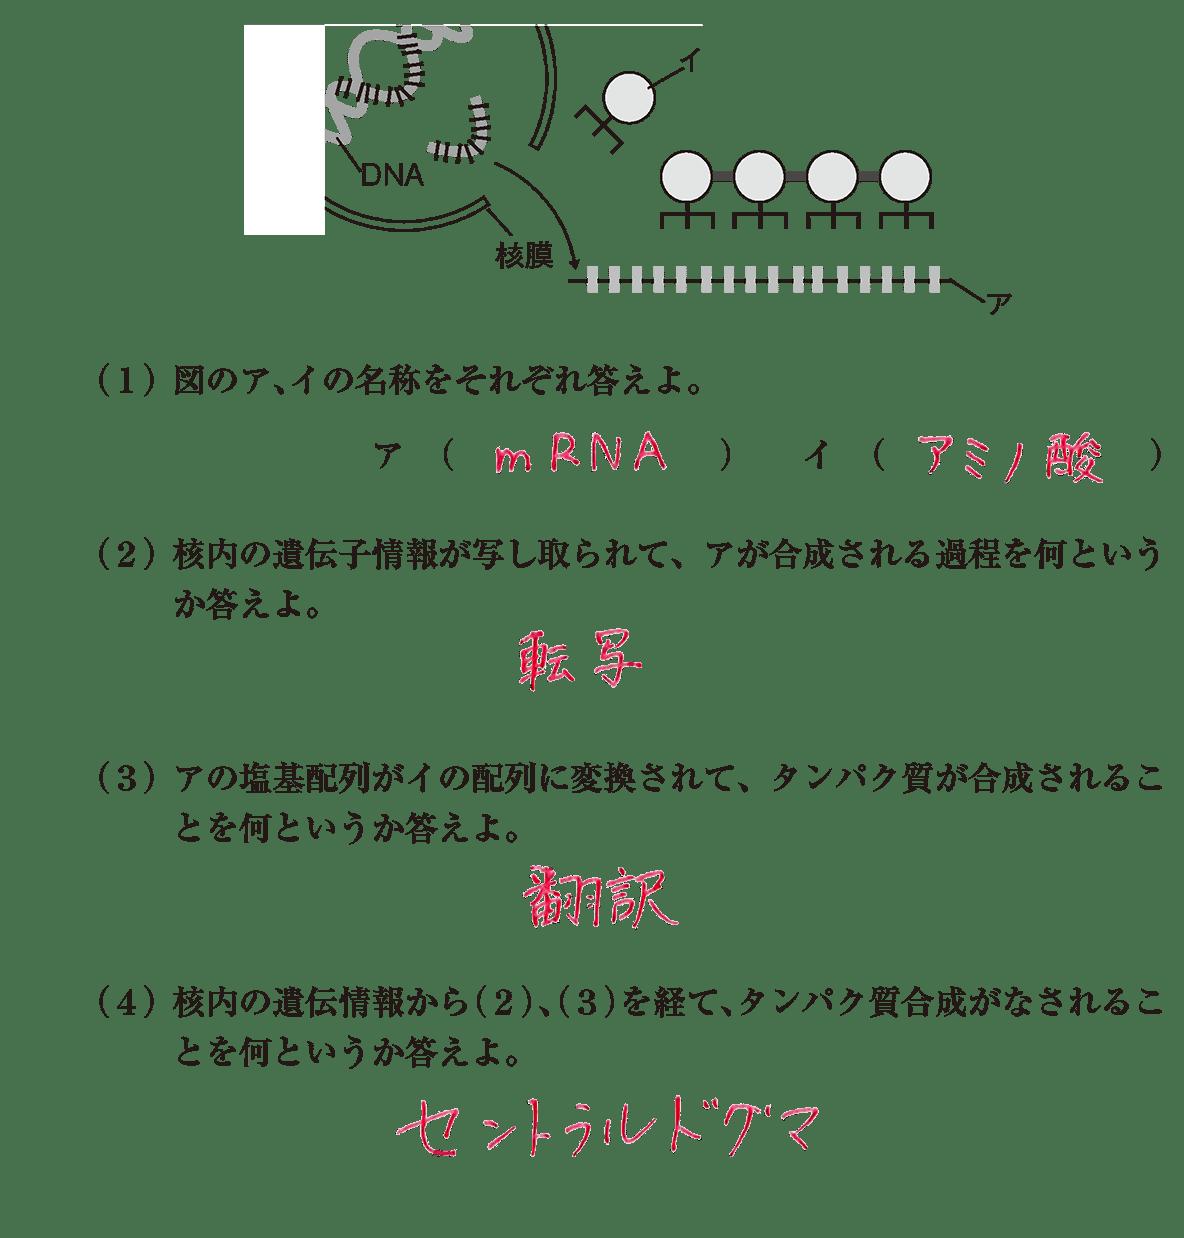 高校 生物基礎 遺伝子9 演習3 答え全部